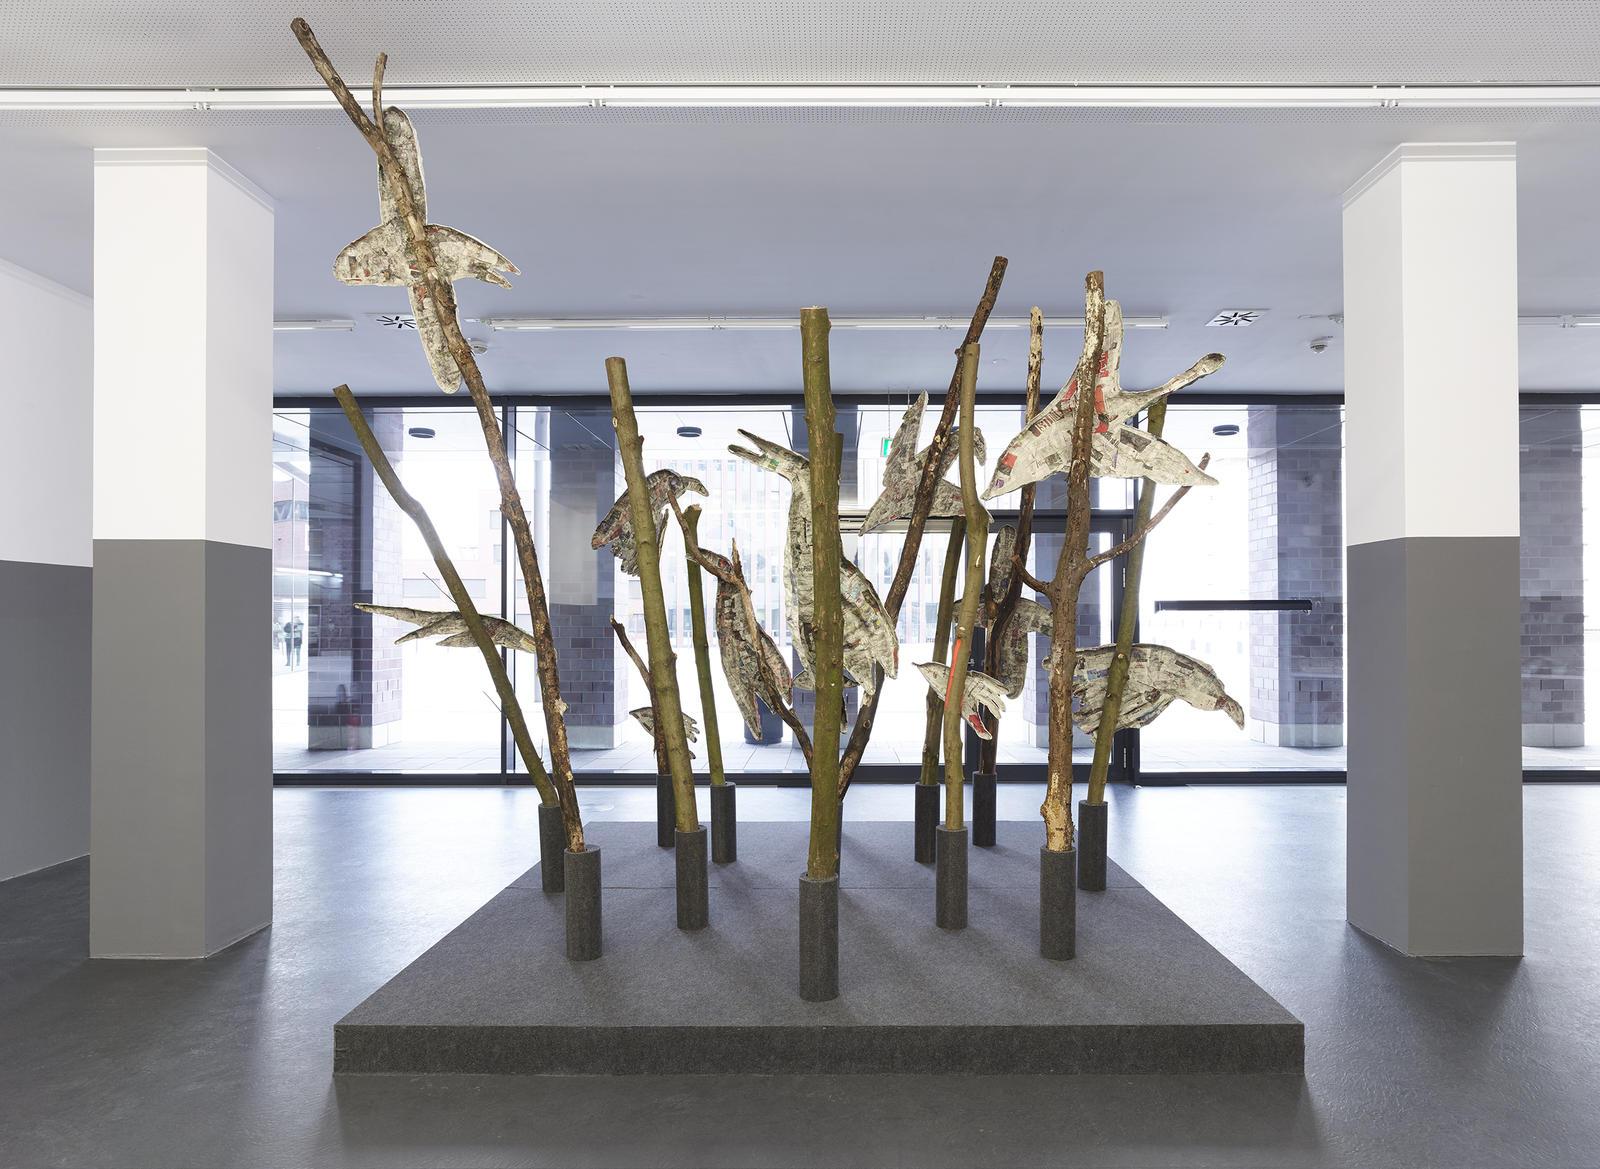 13_Shelly Nadashi NESTING BOX, Installation View_Dortmunder Kunstverein, Photo Simon Vogel